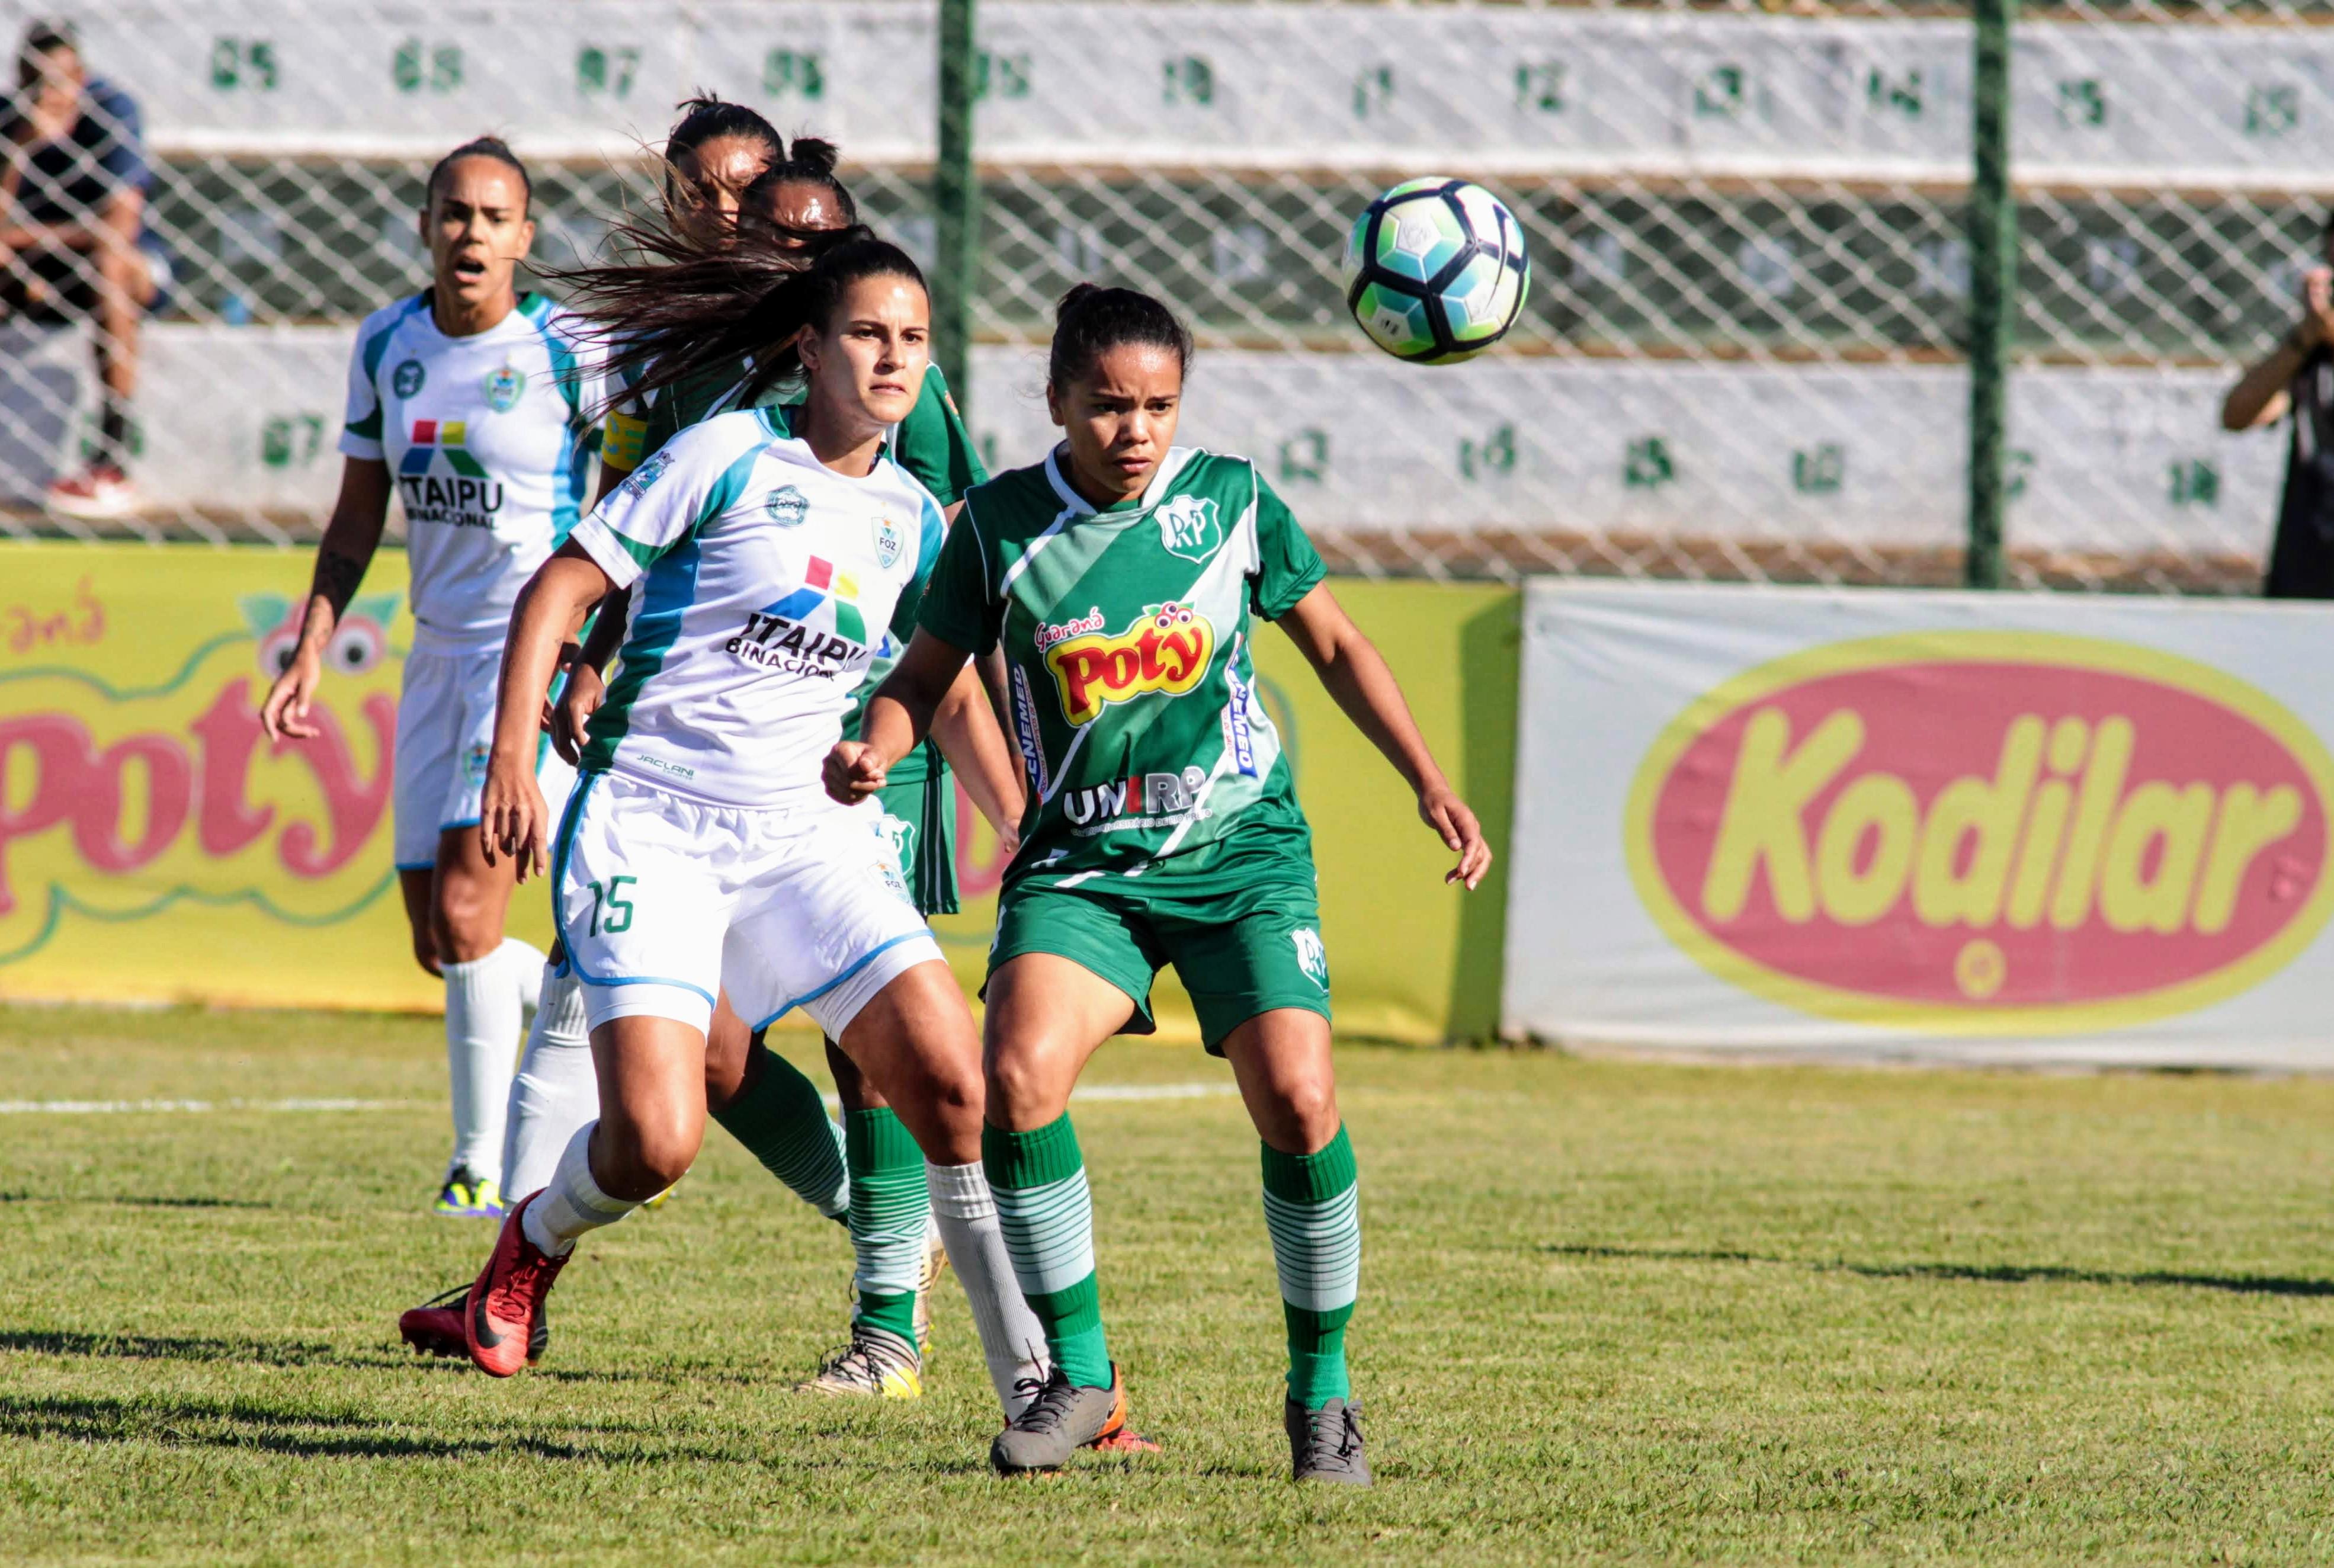 Foz Cataratas/Coritiba é derrotado em Rio Preto Equipe volta a campo na próxima quinta-feira, 31, quando receberá a Ponte Preta